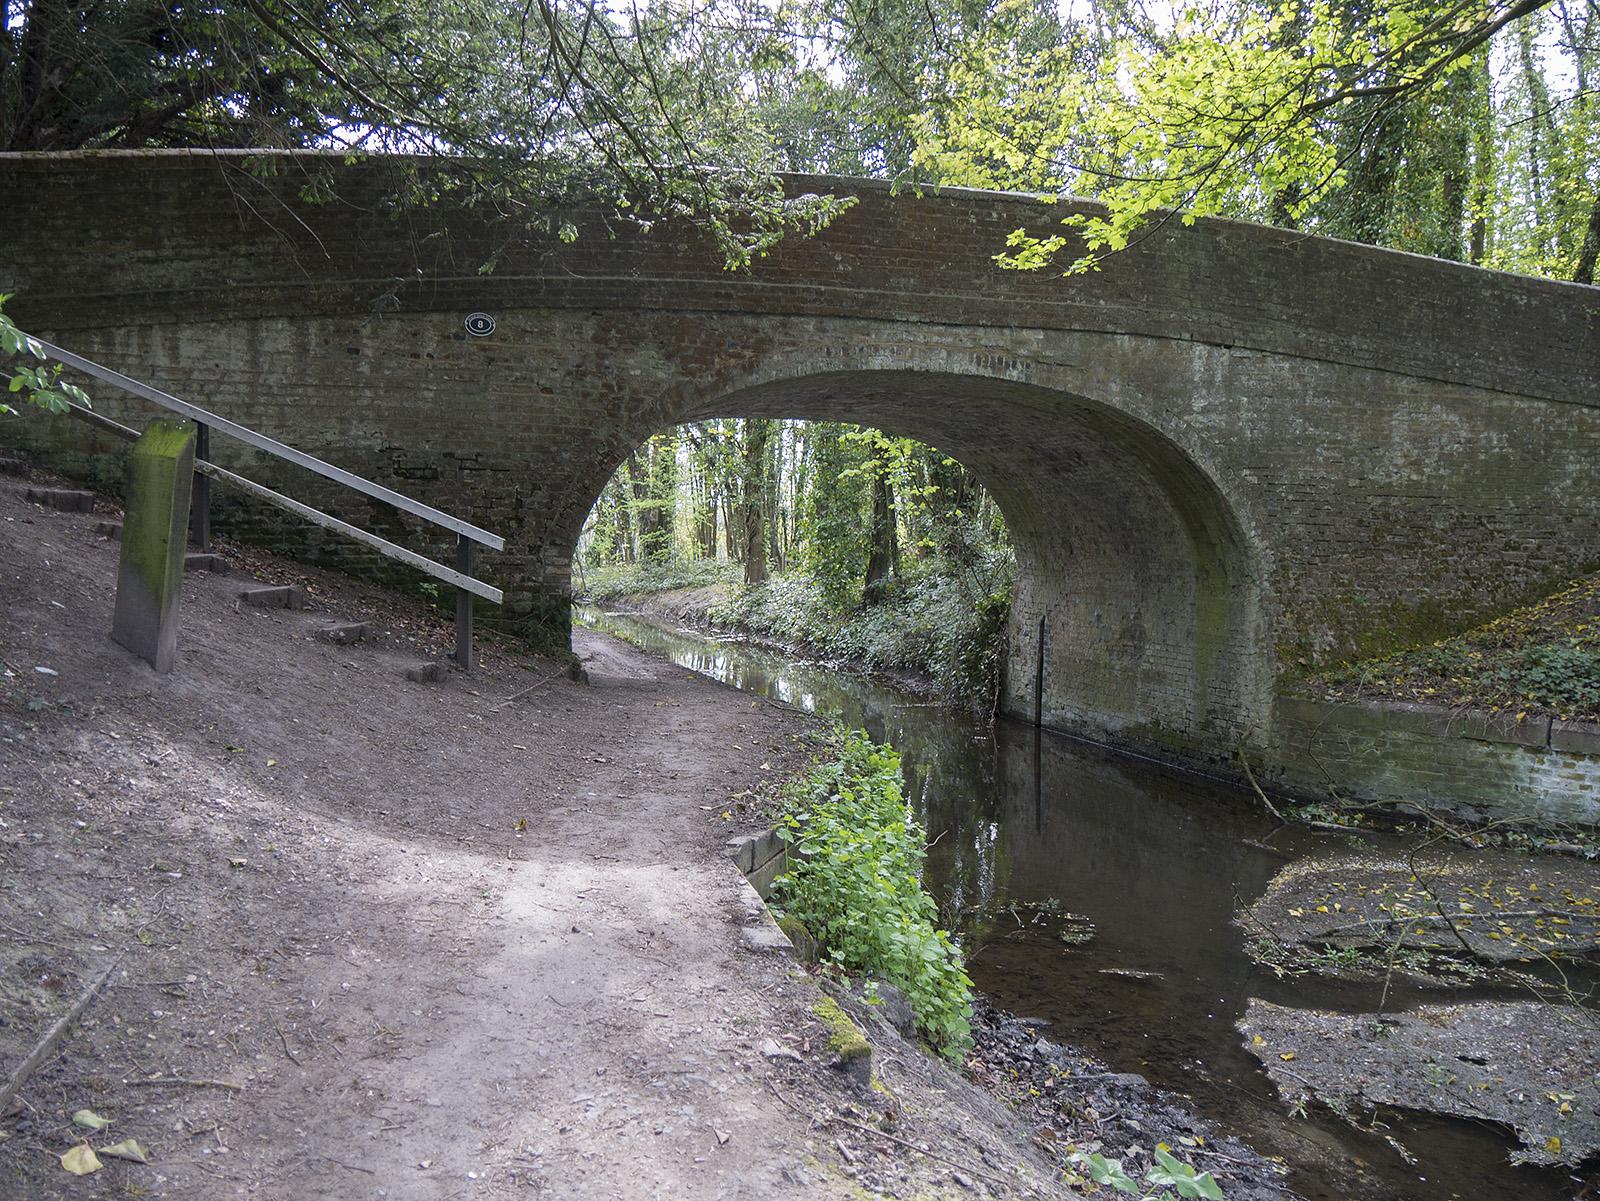 Harelane bridge